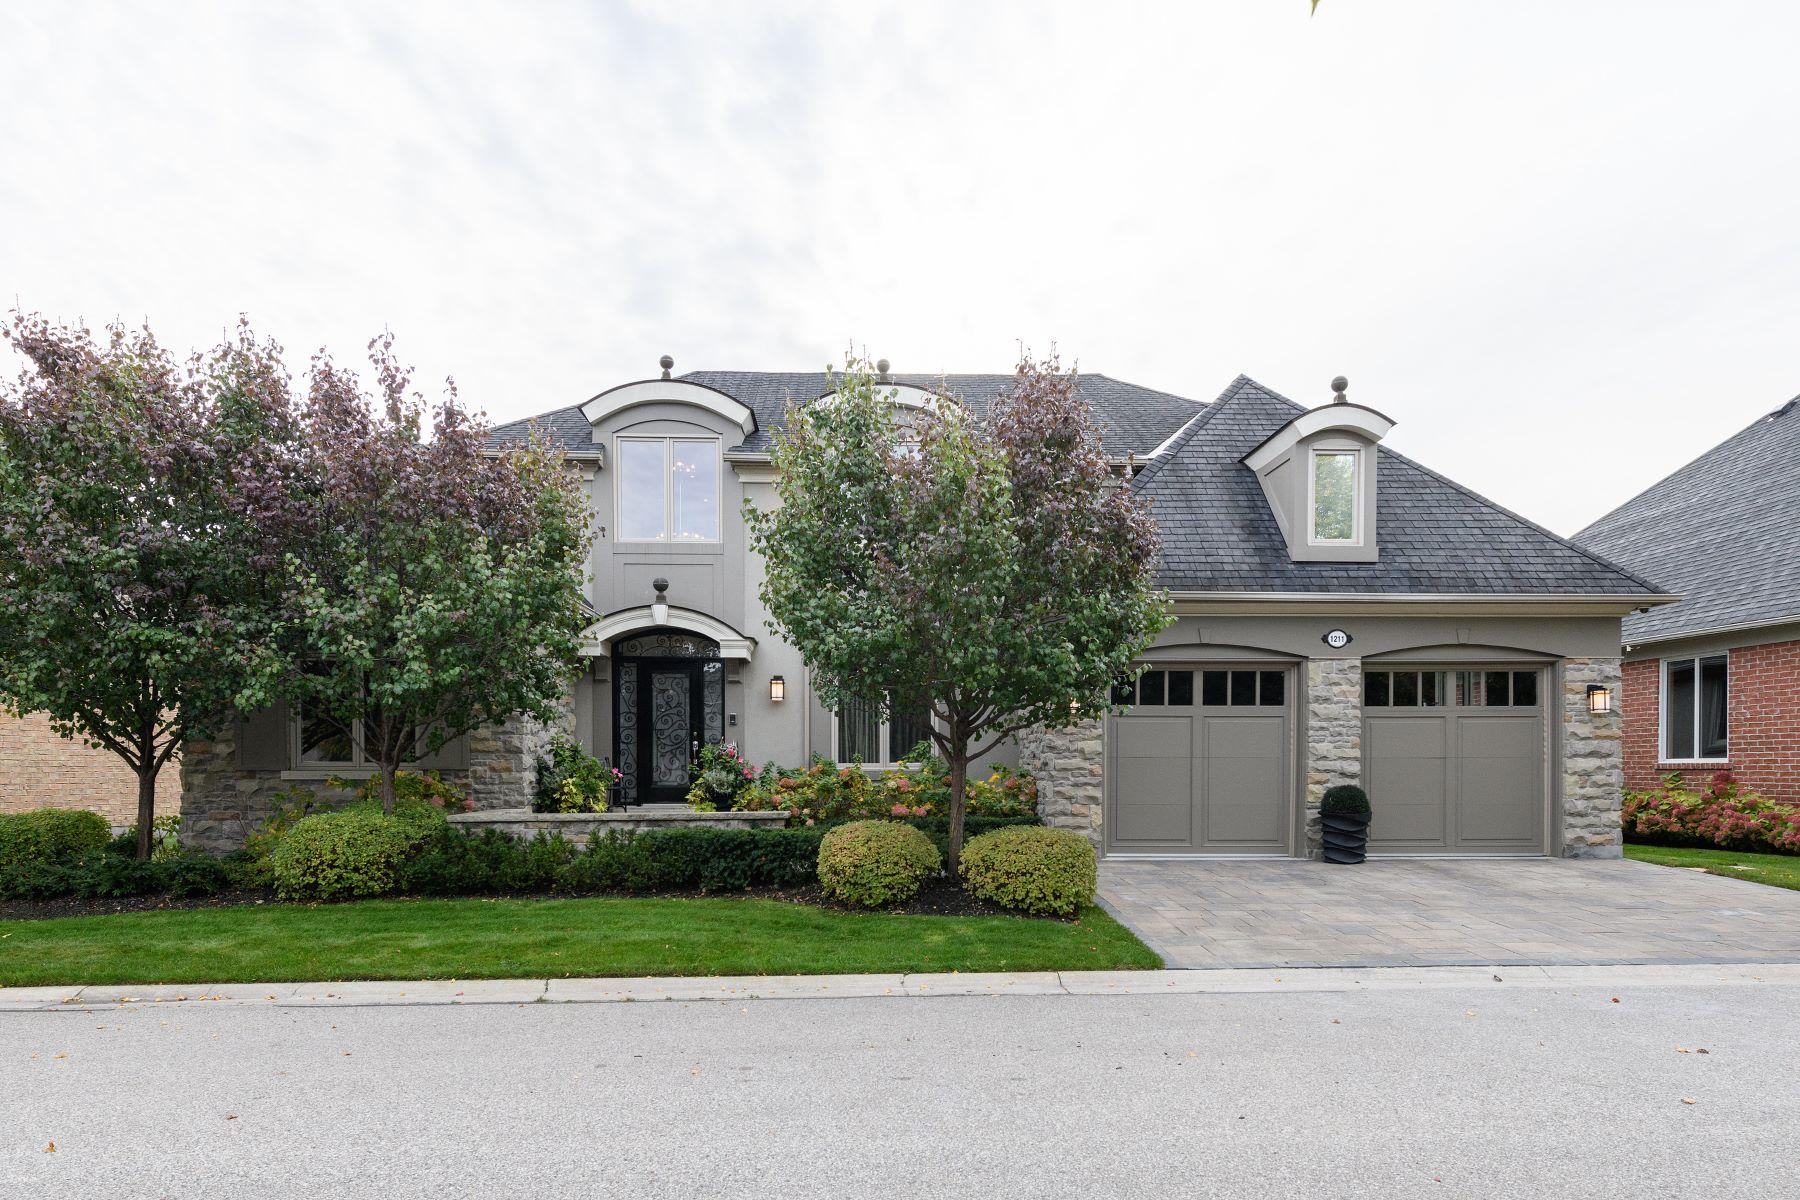 一戸建て のために 売買 アット Immaculate Bungaloft 1211 Burrowhill Lane, Mississauga, オンタリオ, L5H 4M7 カナダ